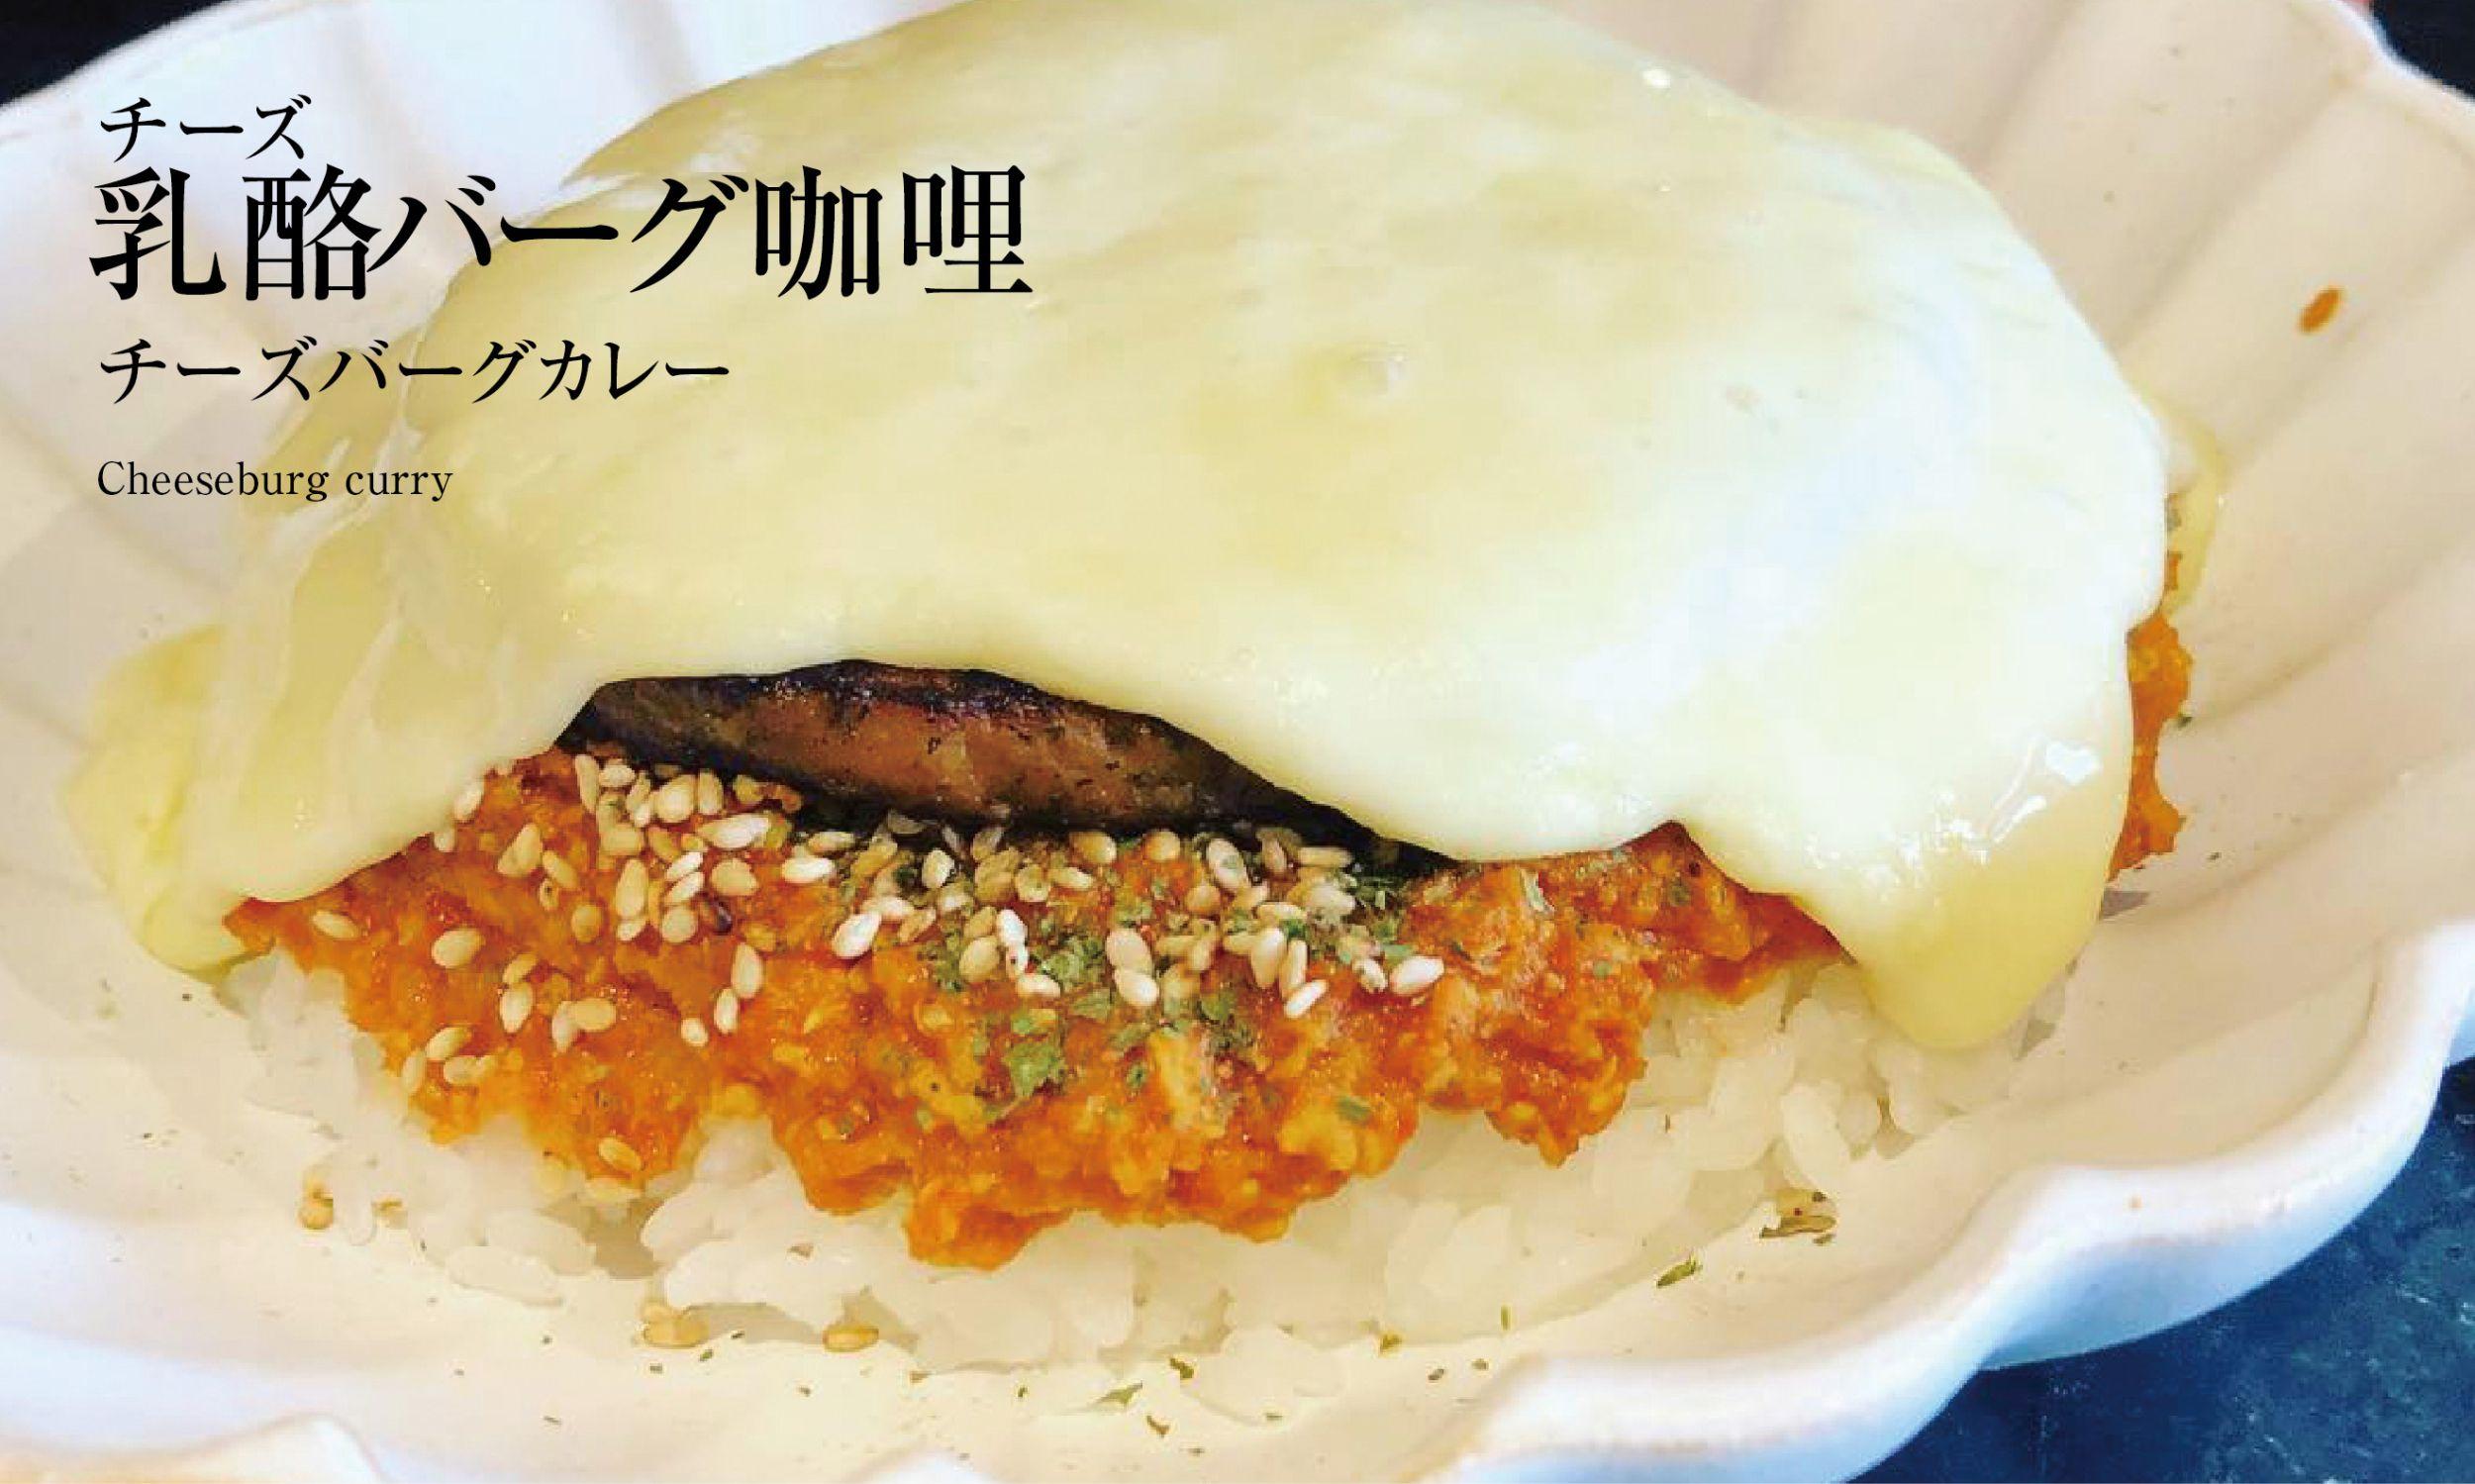 乳酪バーグカレー(チーズバーグカレー) 2,500円(SNSアップで2,000円)